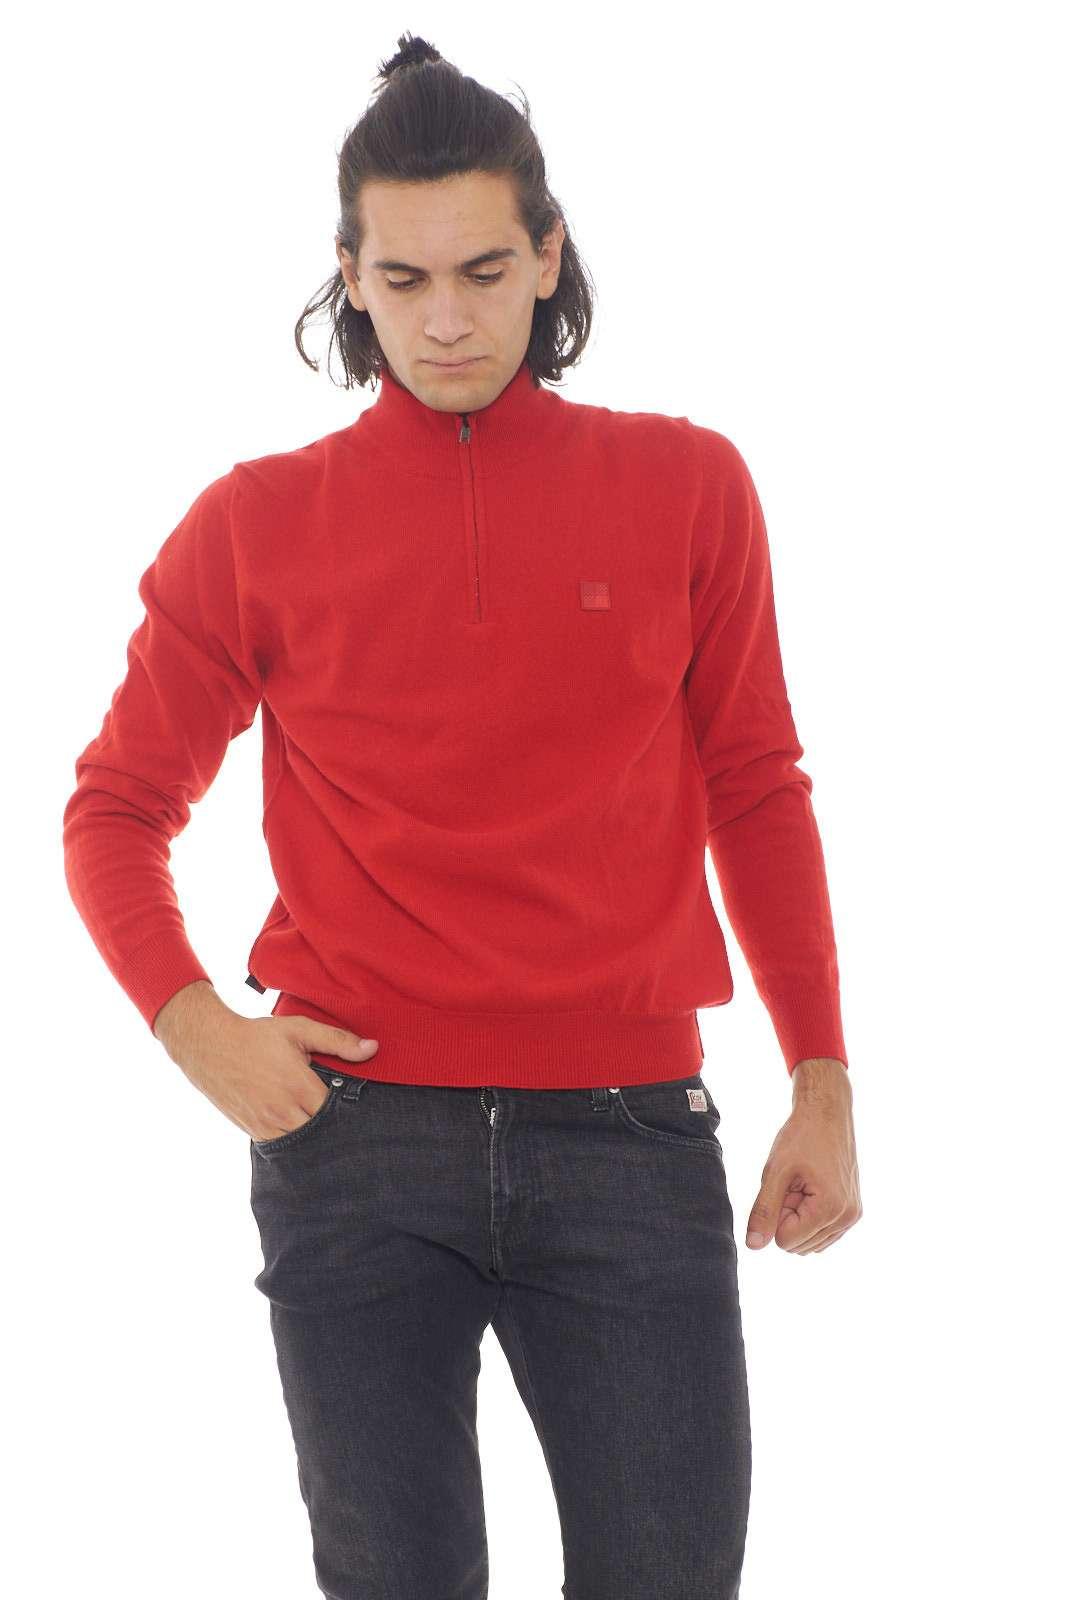 Un maglioncino caldo e versatile, perfetto per le occasioni più informali. Da indossare da solo, o con cotto una camicia, per un tocco di eleganza. Il modello è alto 1.90m e indossa la taglia XL.